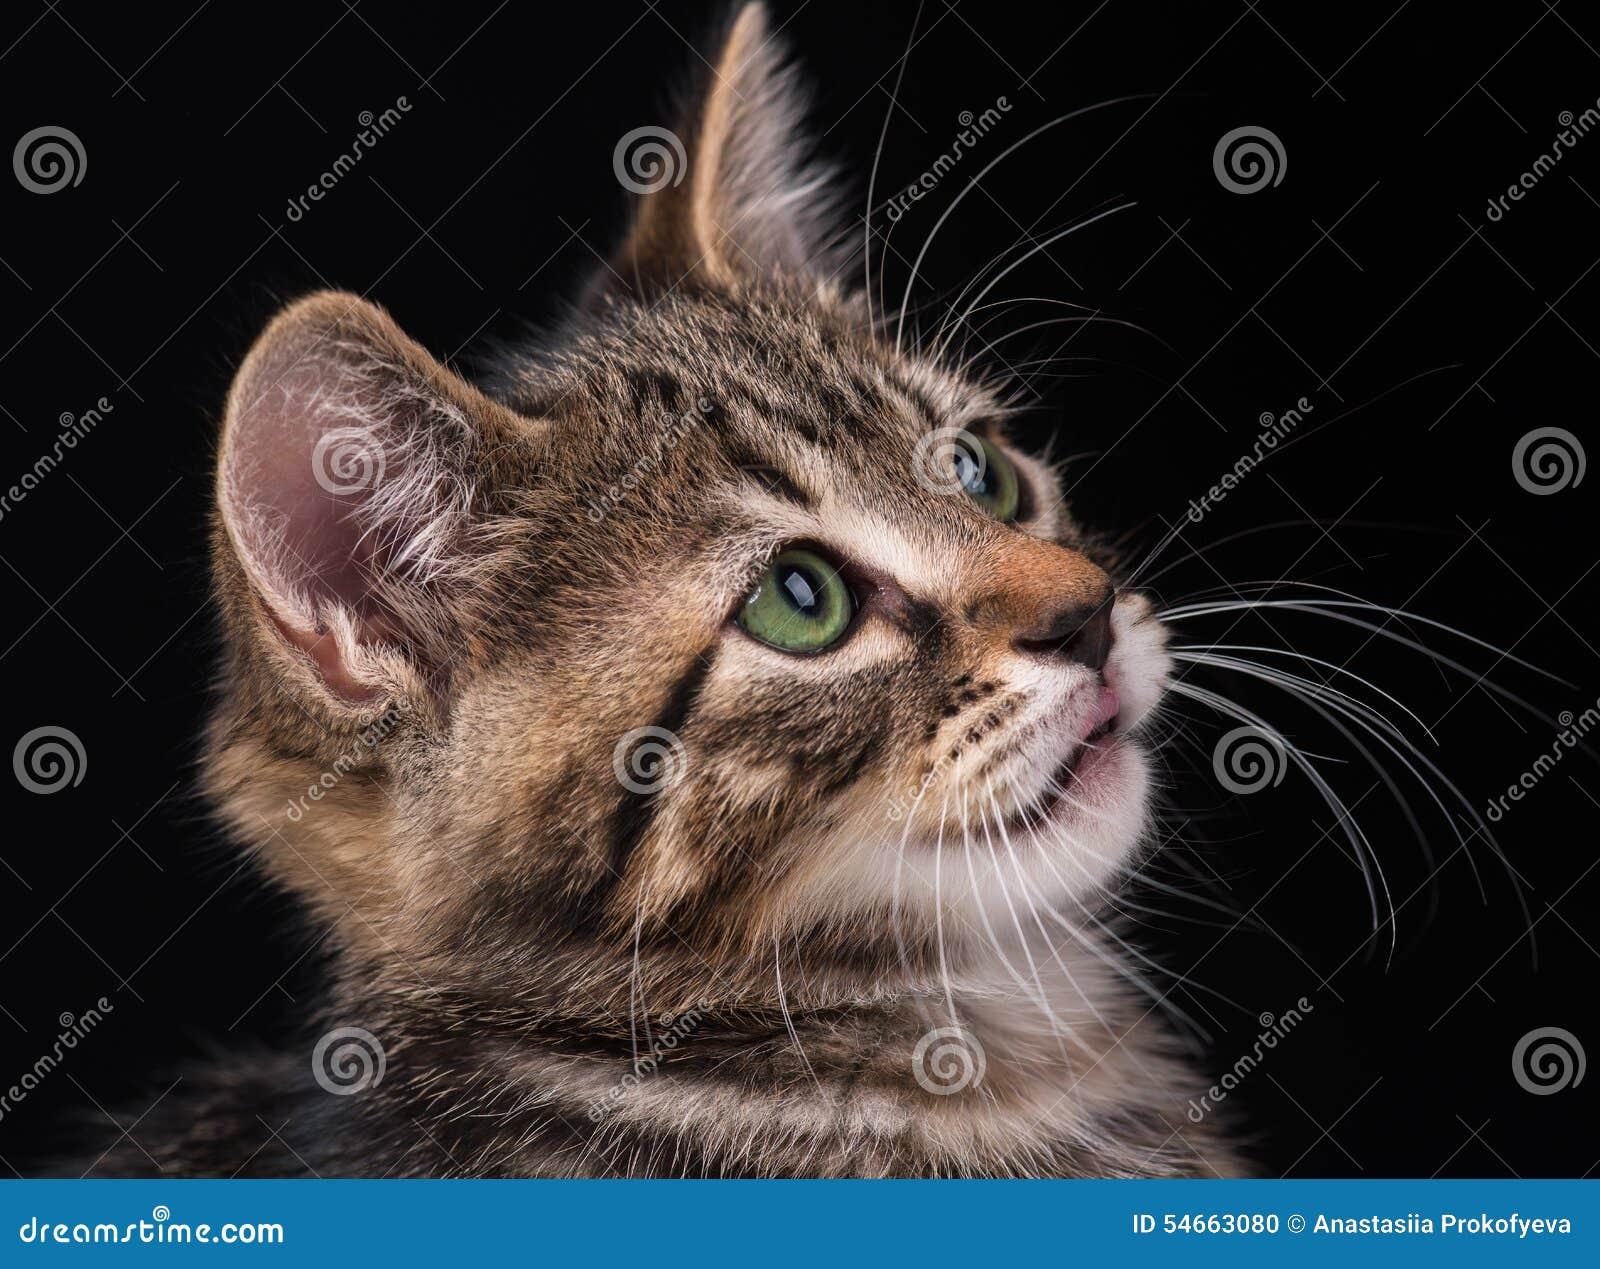 cute kitten stock photo image 54663080